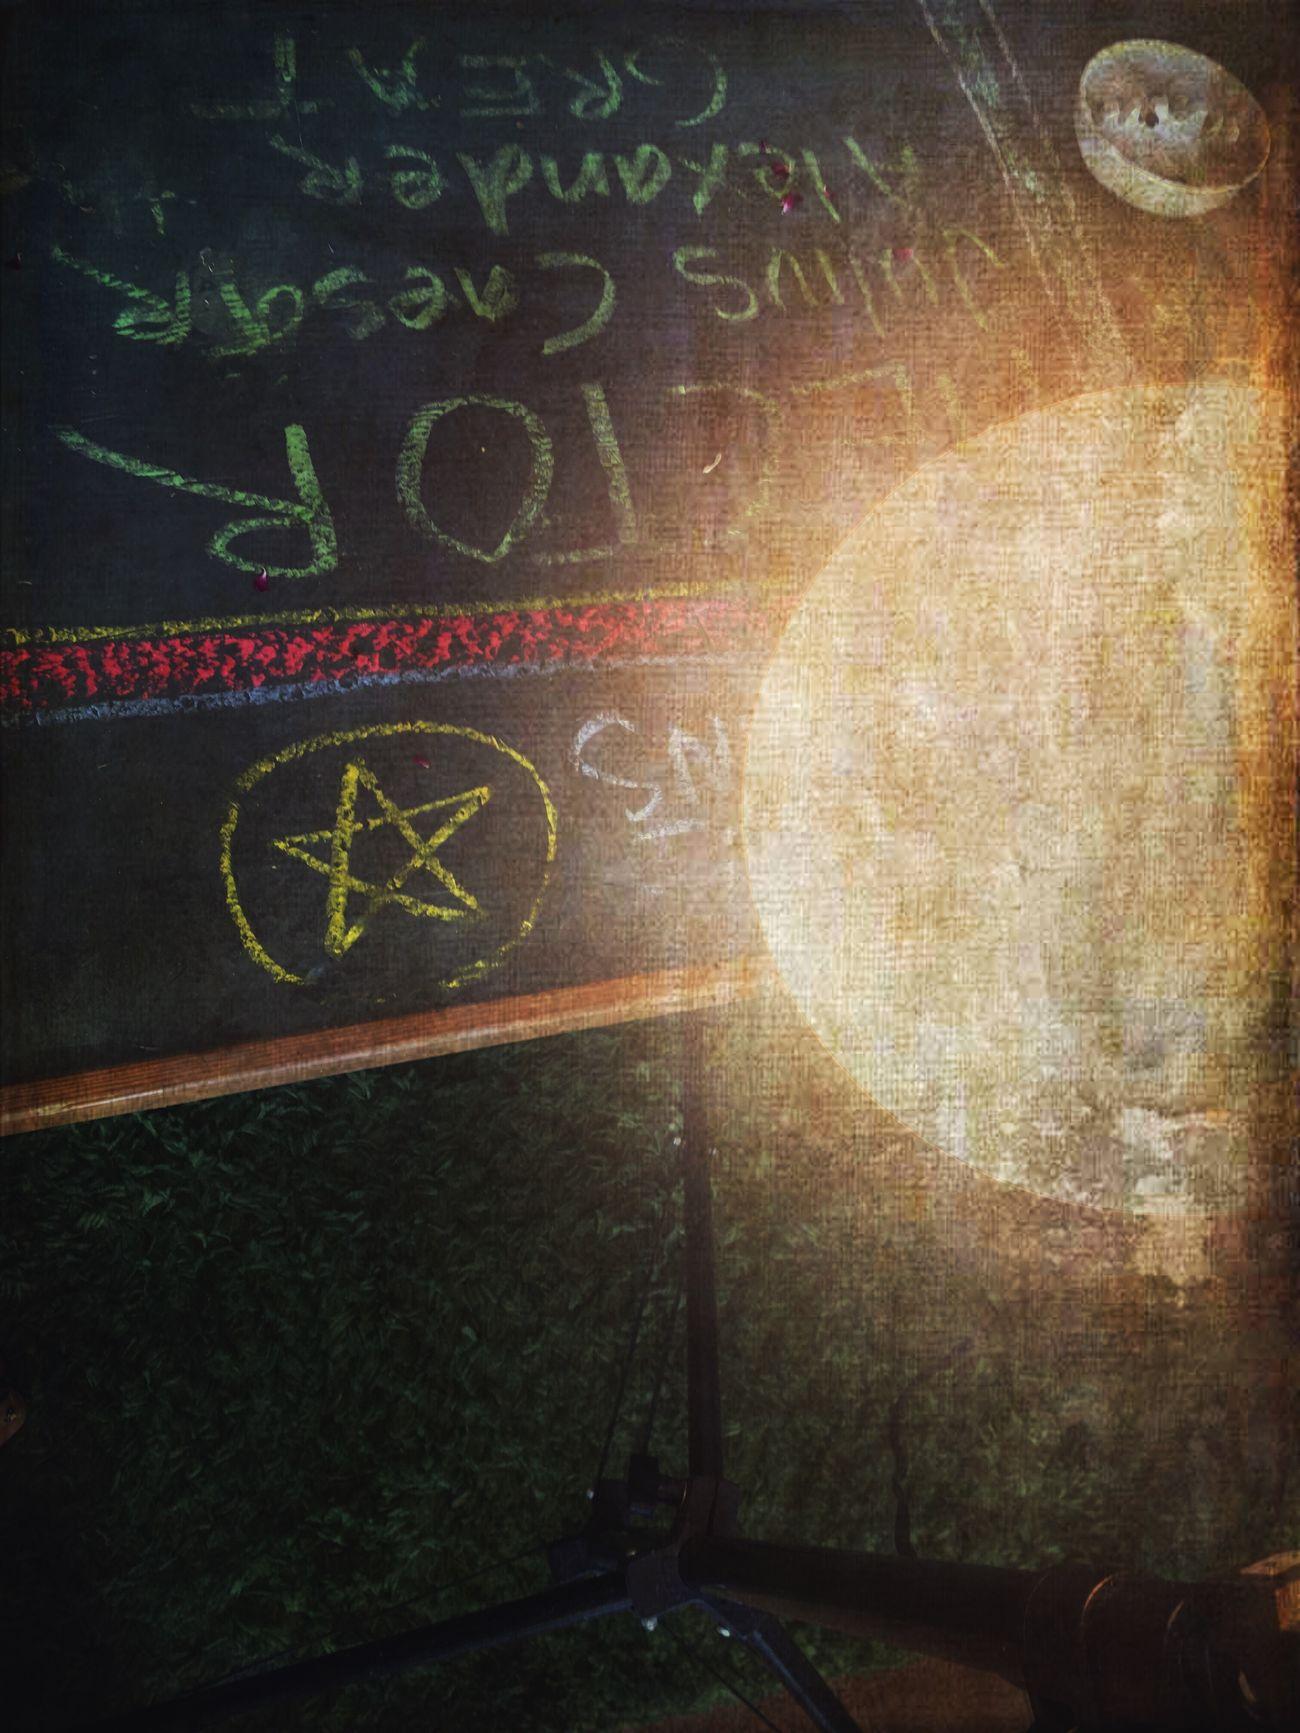 Digital Painting Hector Morrissey Nine Worthies Fist Of The Gang To Die